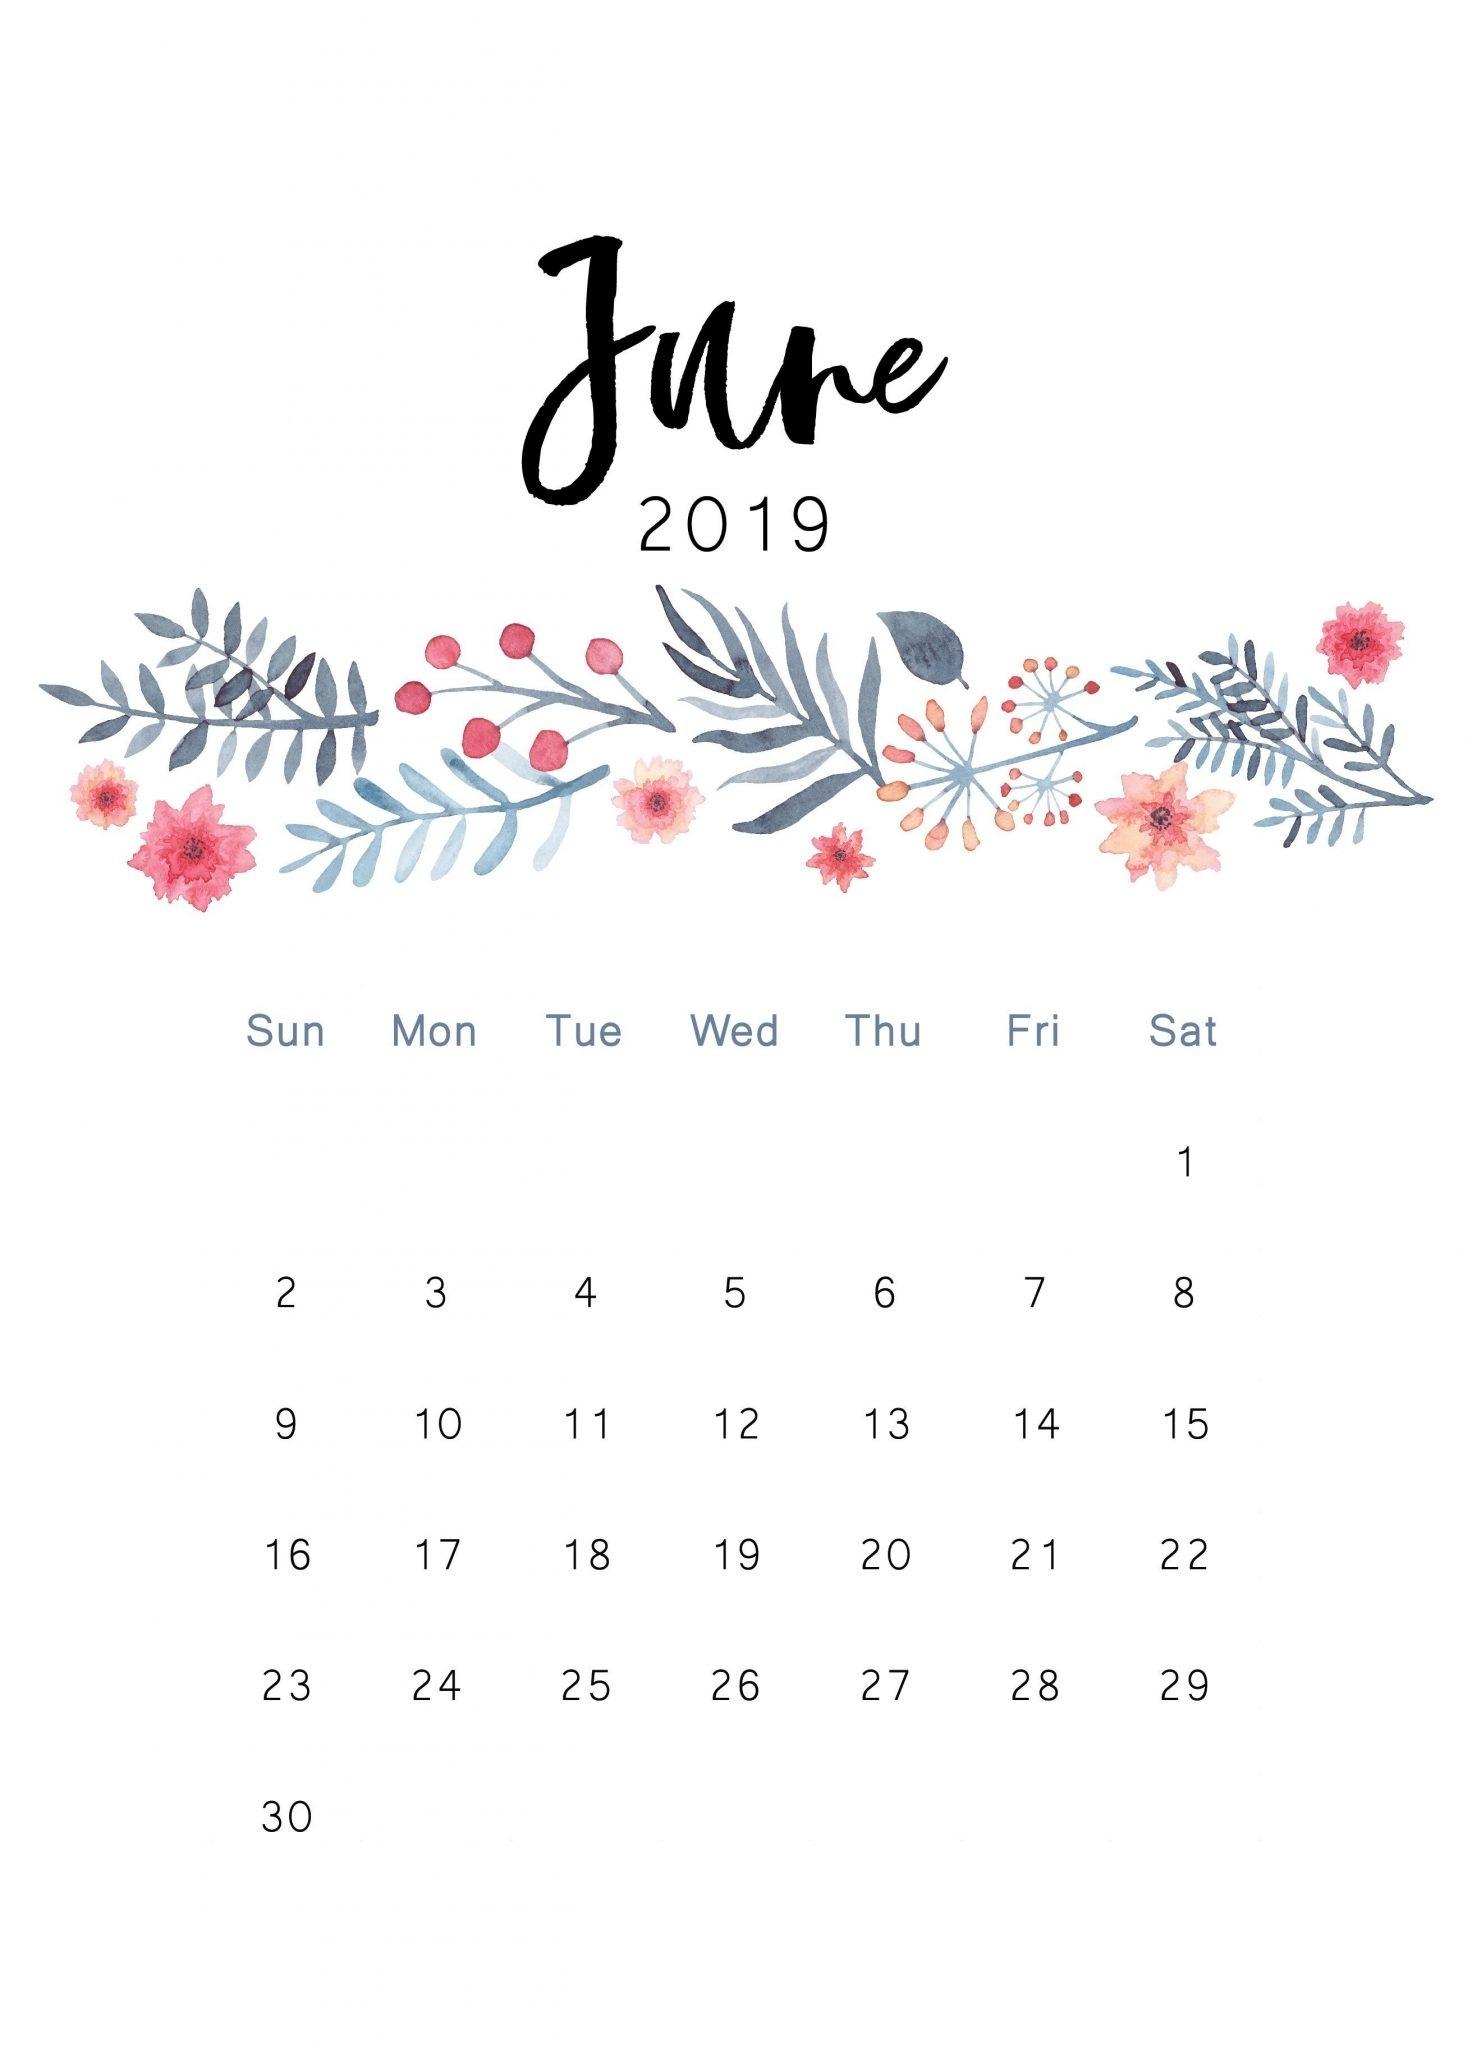 Cute June 2019 Iphone Calendar Wallpaper - Free Printable